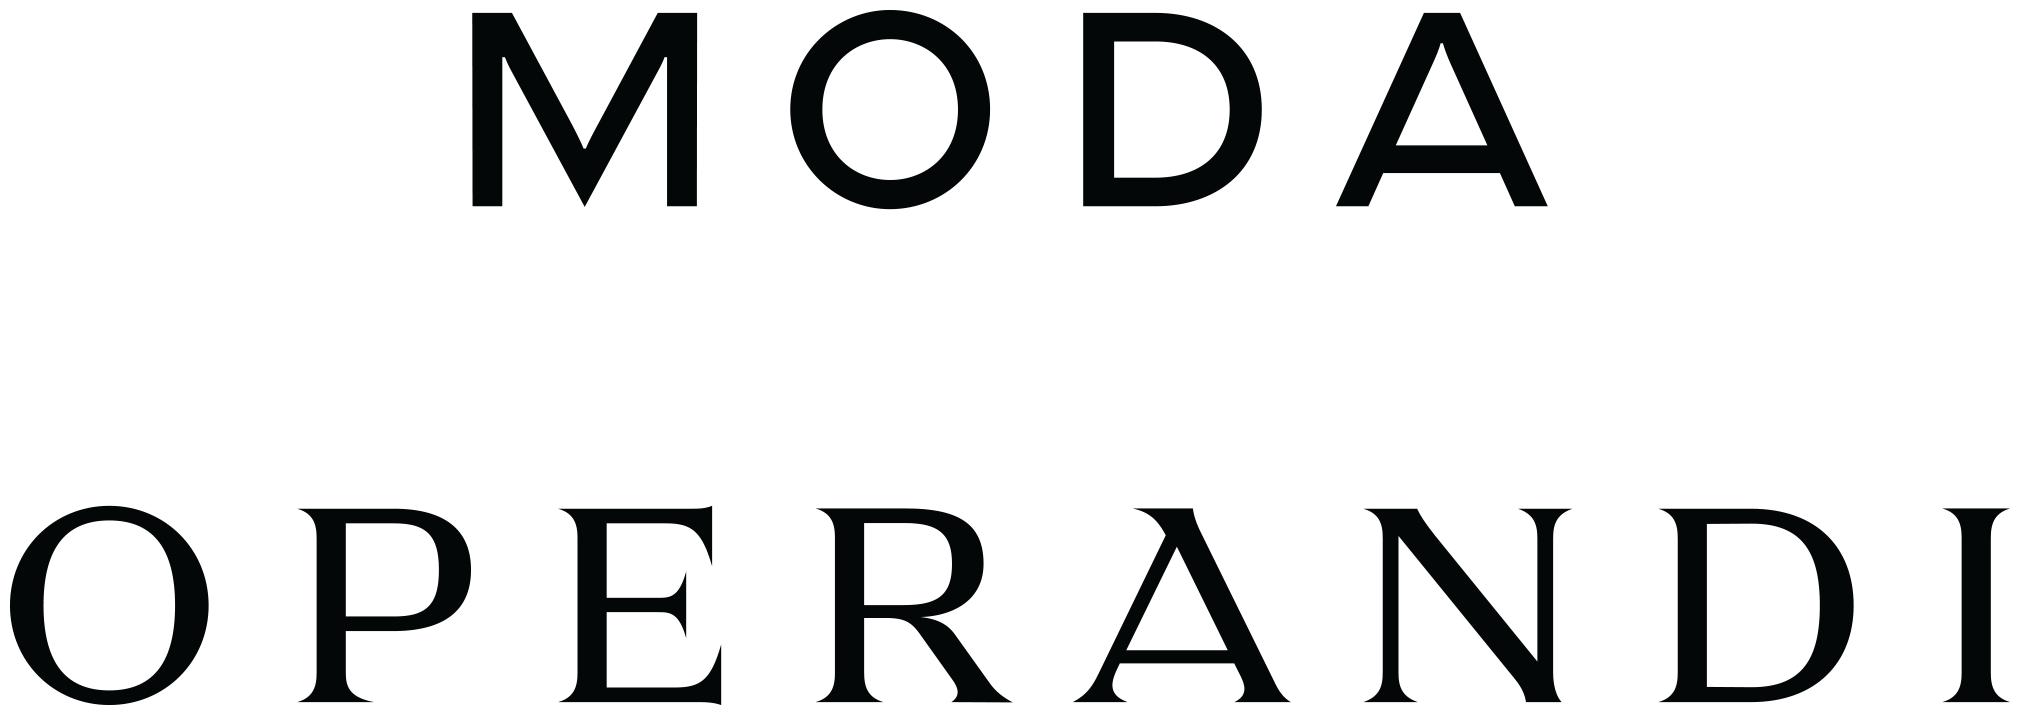 moda_operandi_logo_stacked